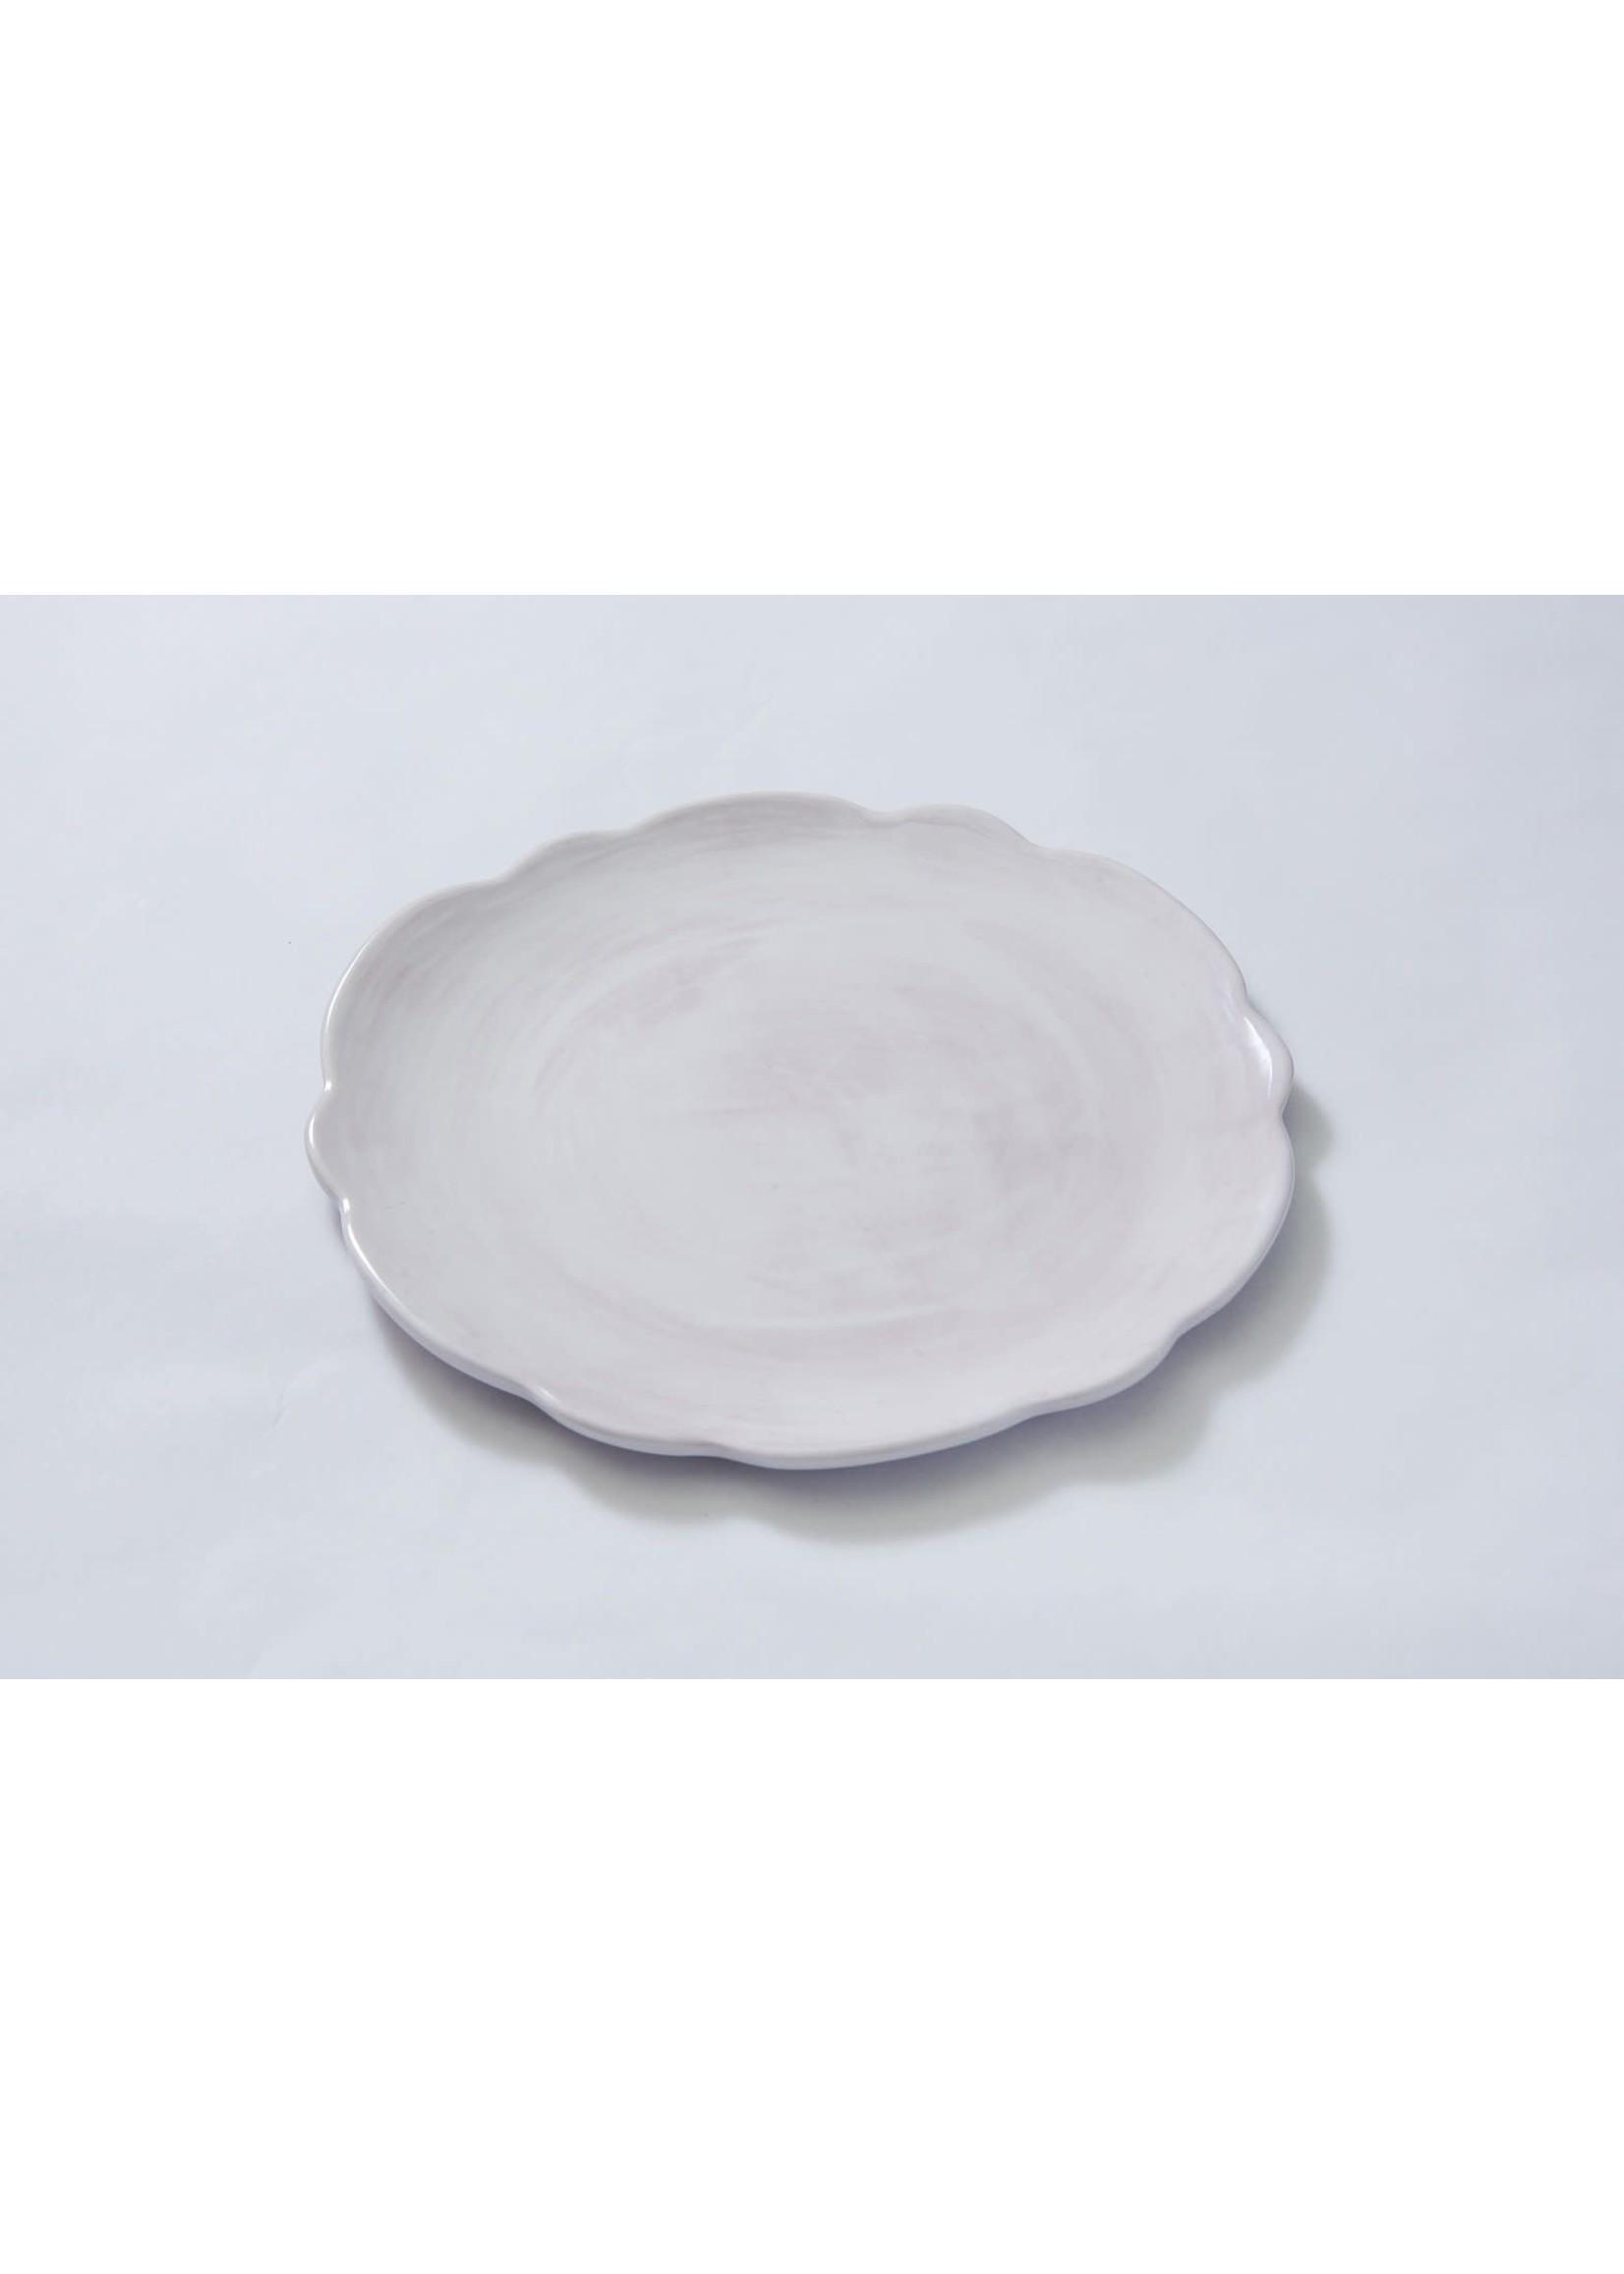 Relish Melamine - Scalloped Dinner Plate - White